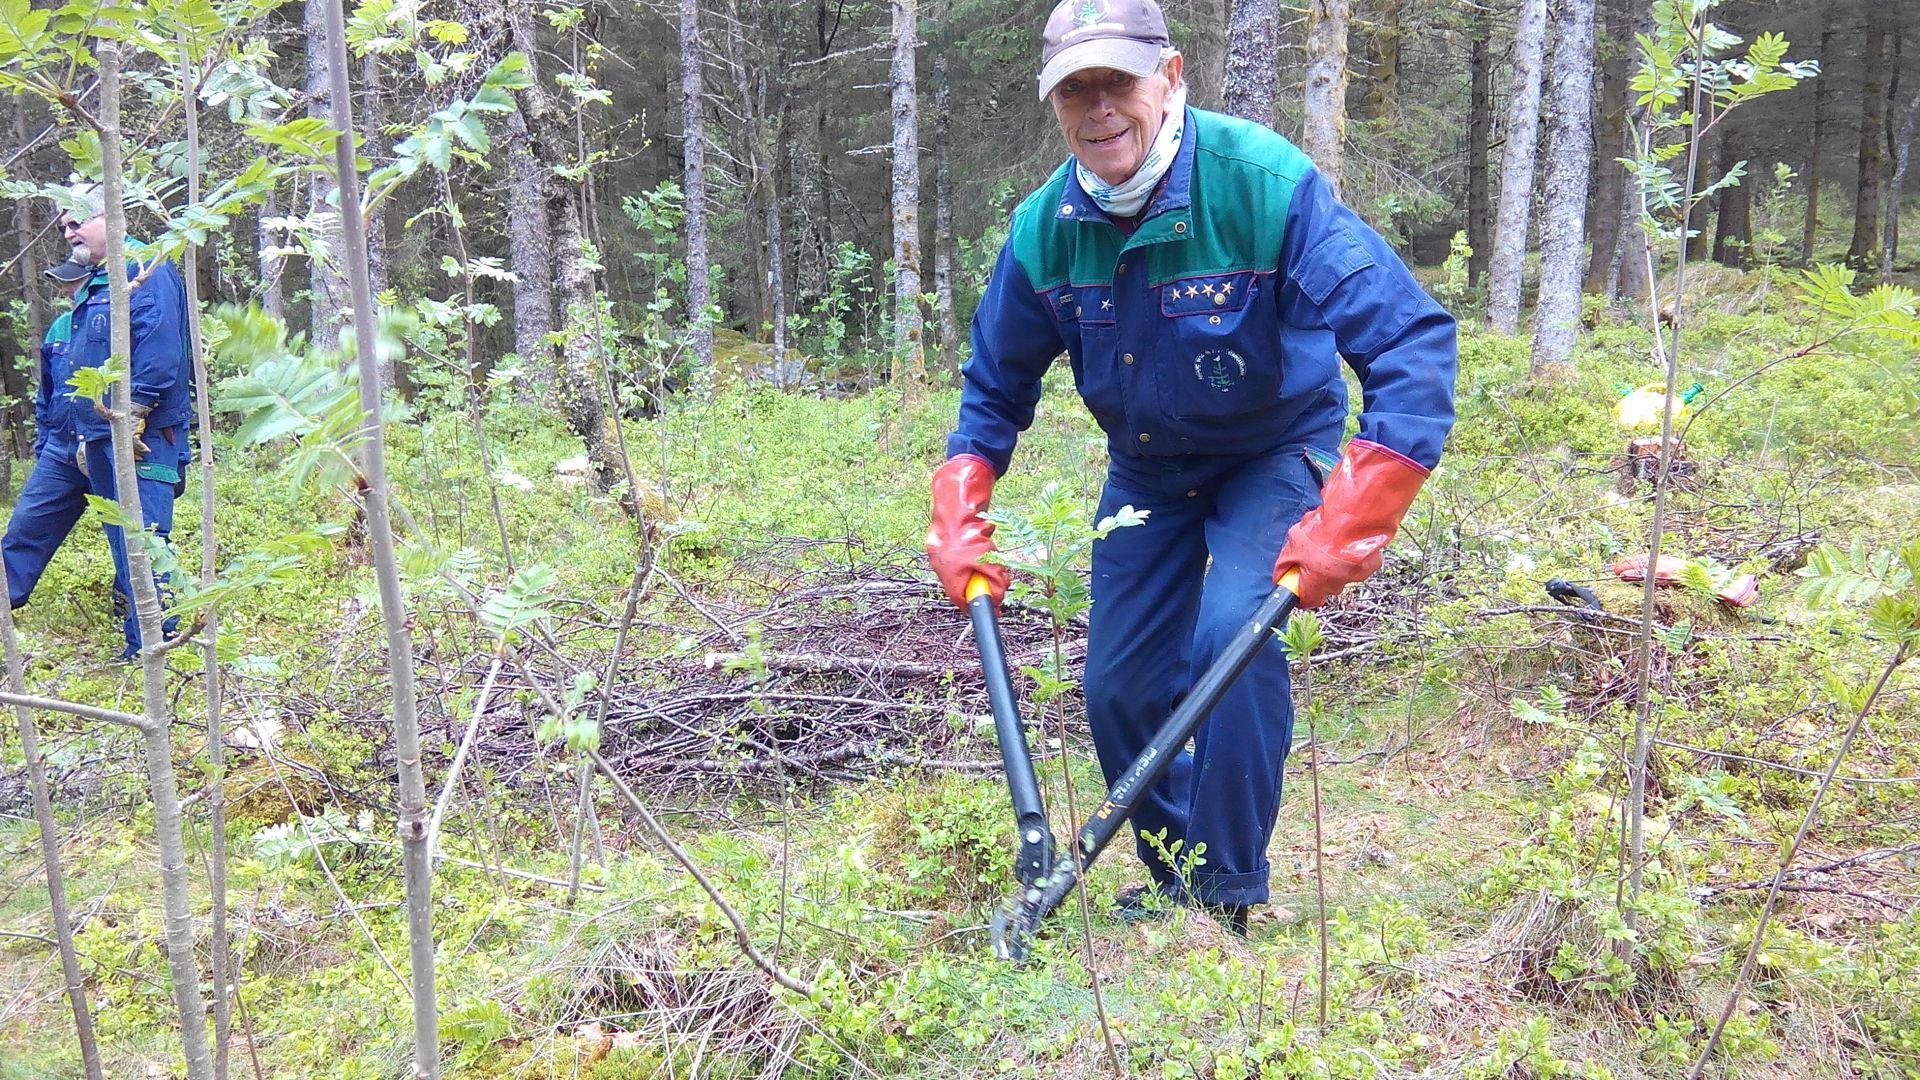 026  Knut finkjemmer bakken på Fløysletten..jpg